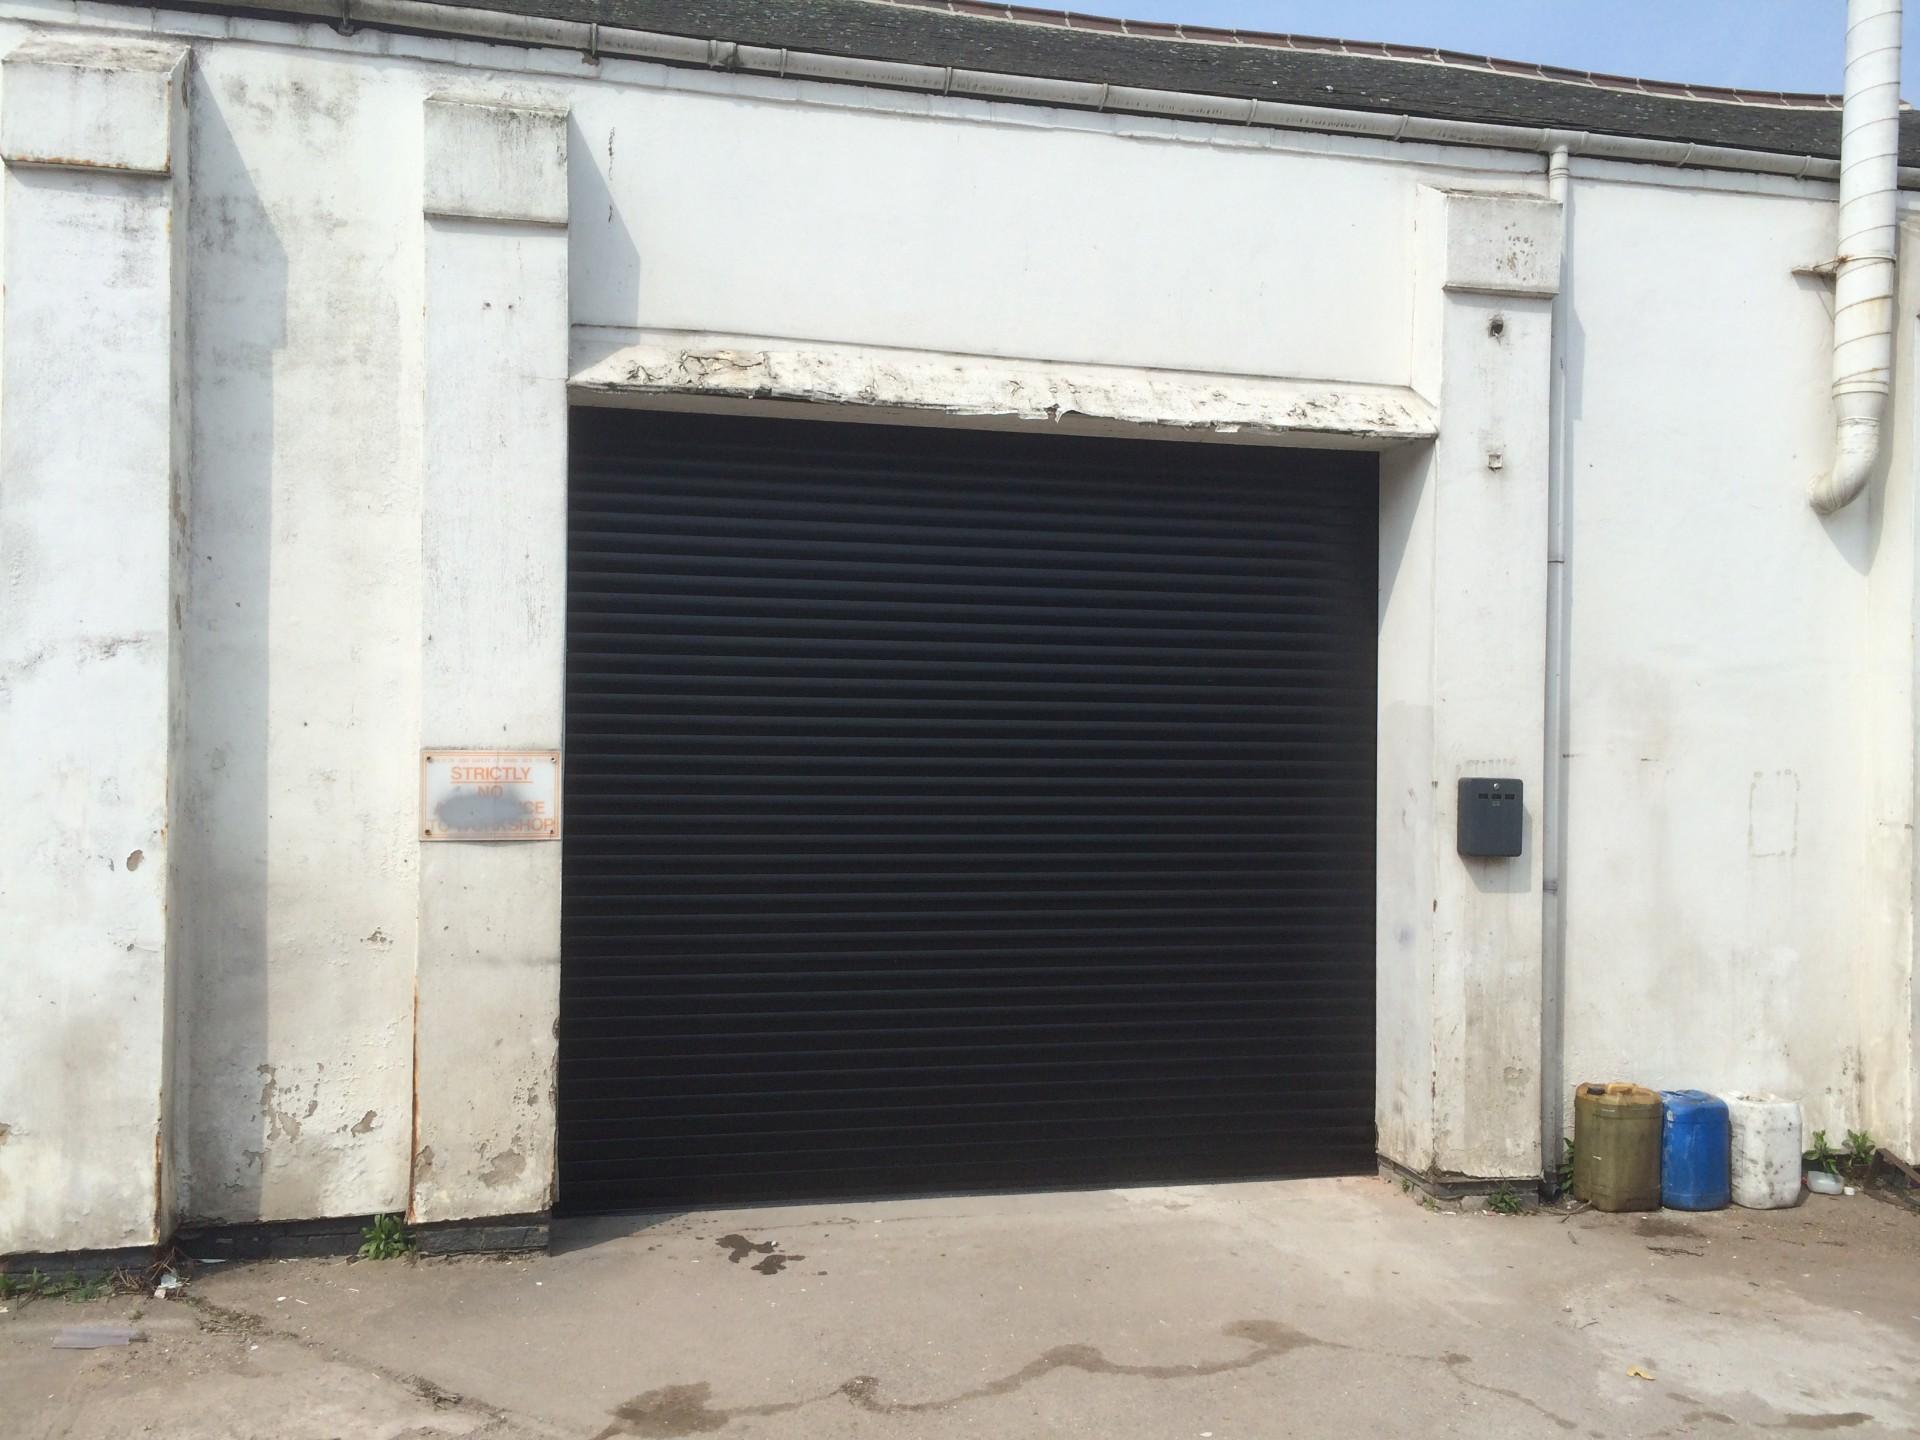 1440 #426389  Door Aluminium Roller Garage Doors Quality 5 Year Manufacturer S image Garage Doors Manufacturers Usa 37631920